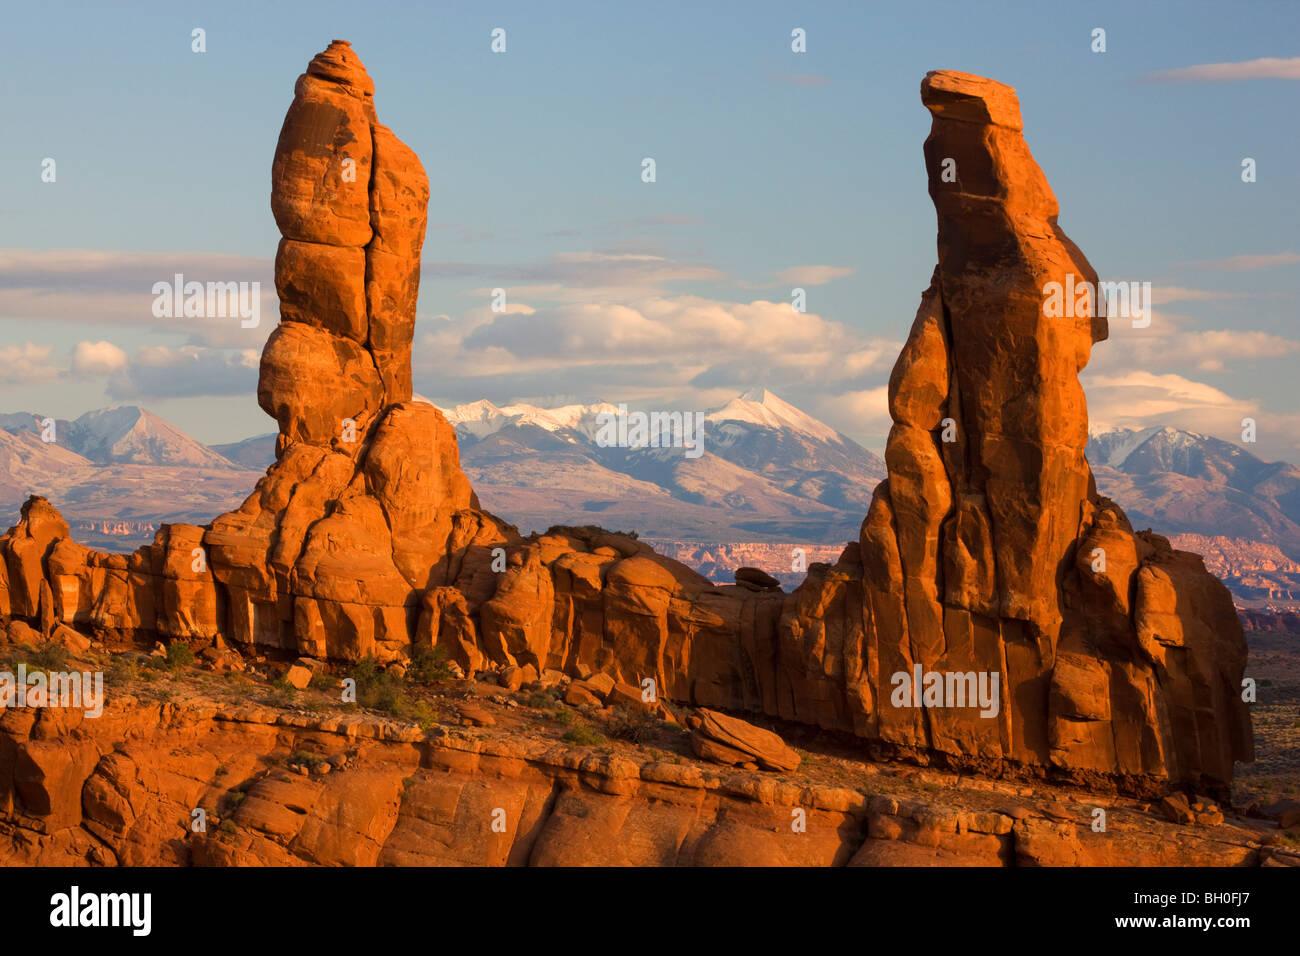 Marschieren Sie Männer Bildung, Klondike Bluffs Bereich Arches National Park in der Nähe von Moab, Utah. Stockfoto